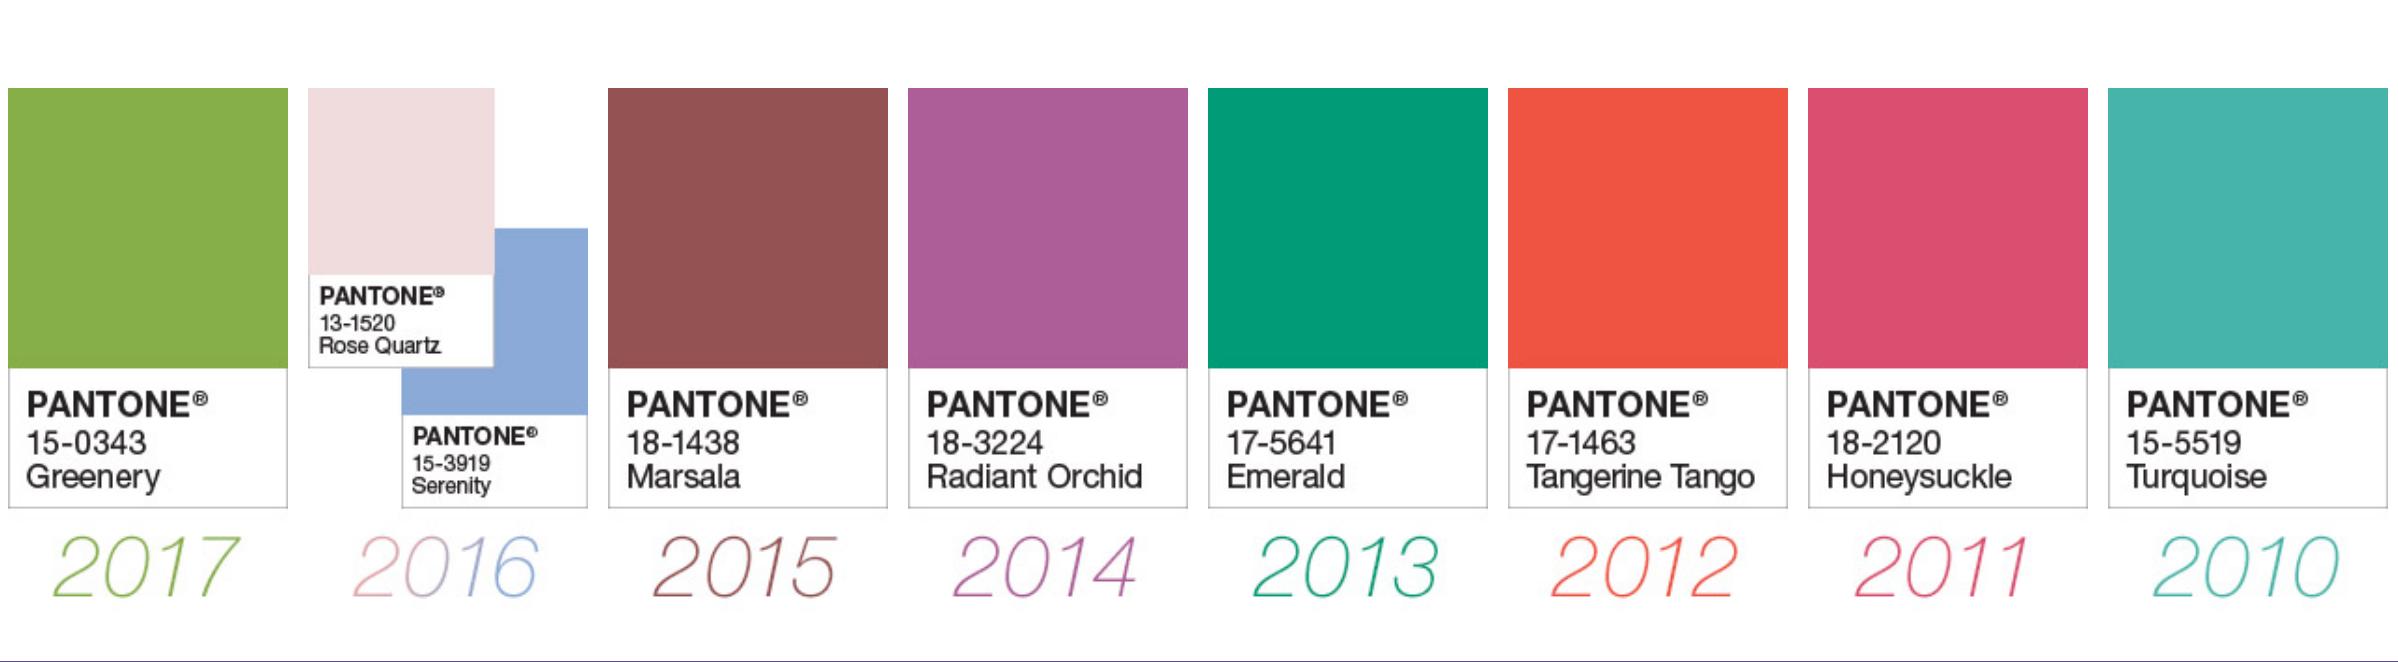 Couleur Pantone De L Année 2017 18-3838 ultra violet : la pantone ® 2018 - 12/trois